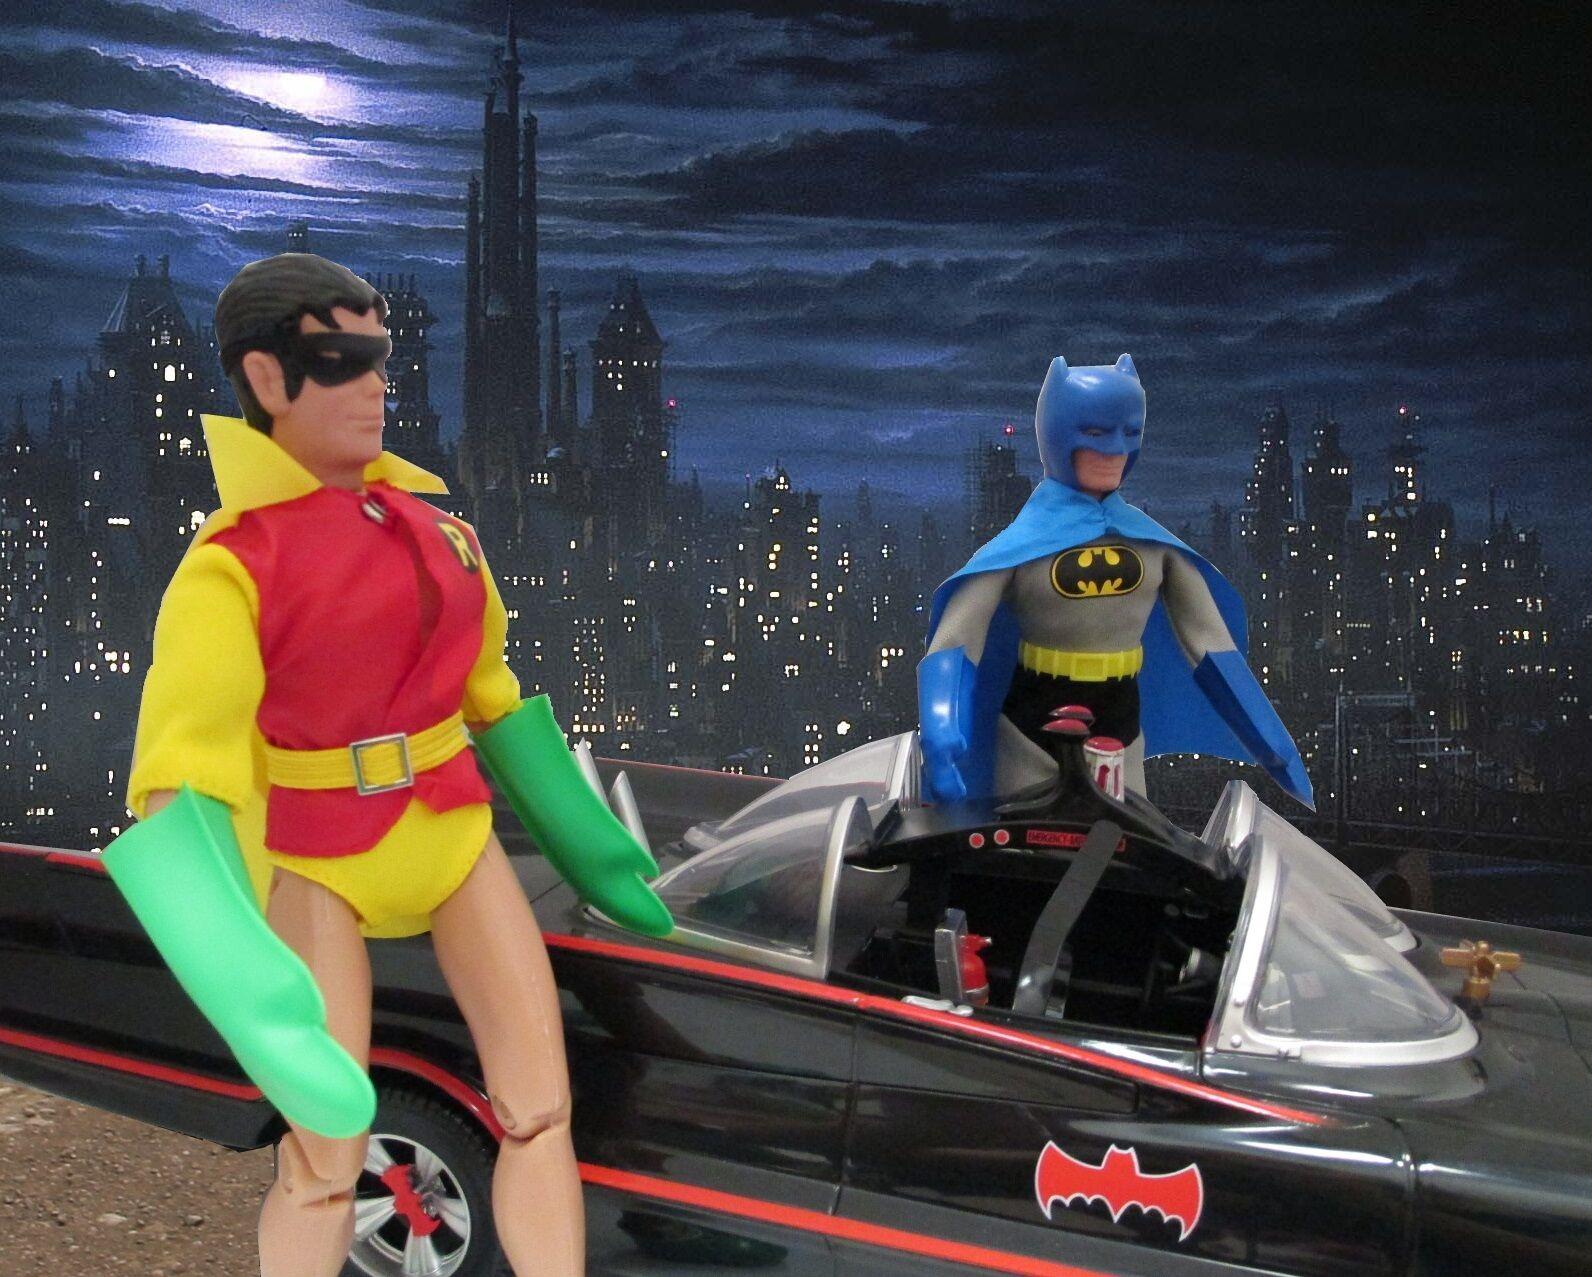 Batman und robin varianten 8-in retro - mego smaragdstadt exklusive kresge